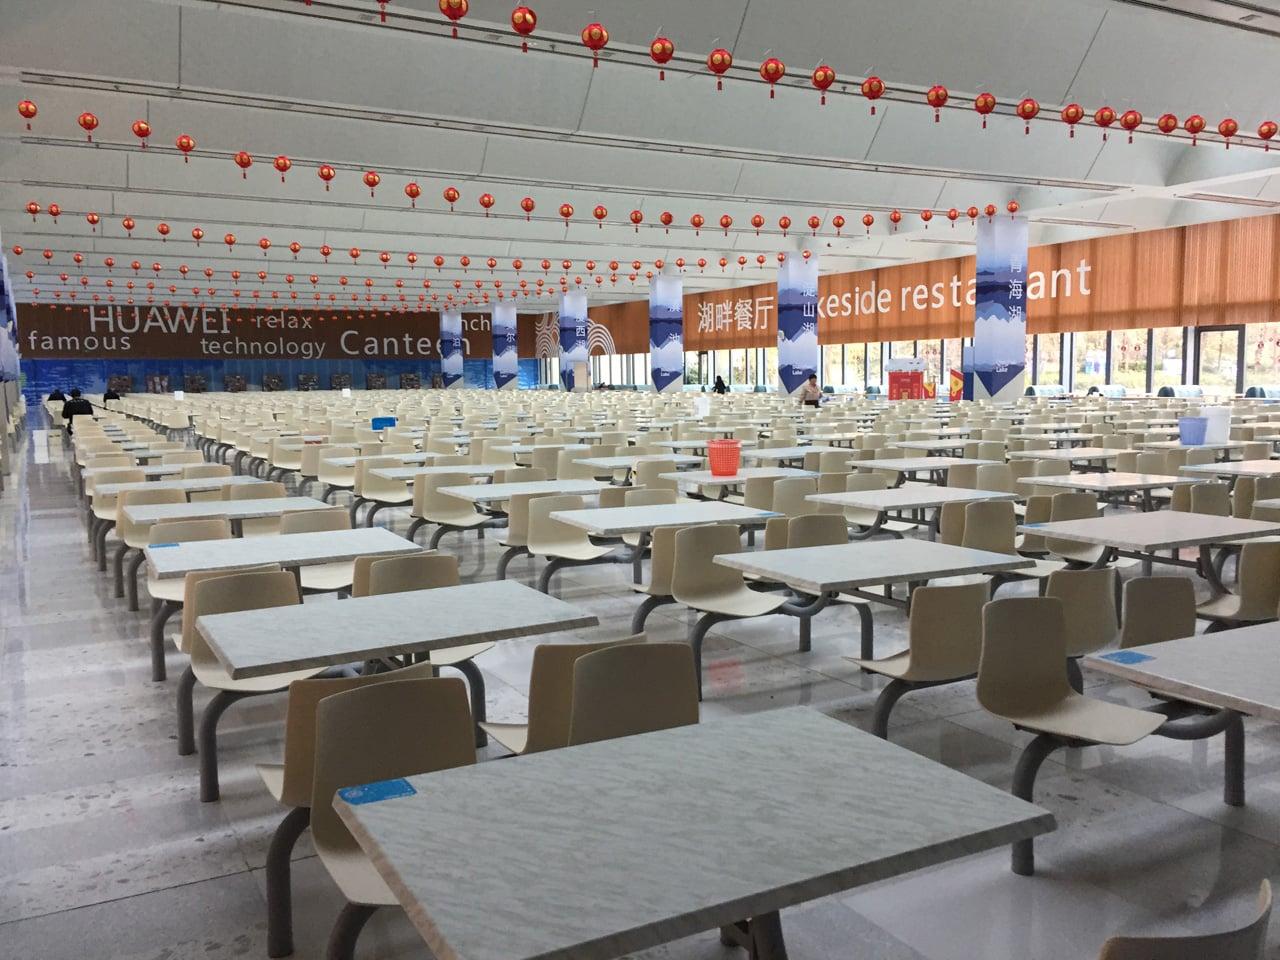 Jak vypadá sídlo Huawei v Číně (Shenzhen, Dongguan, Šanghaj)